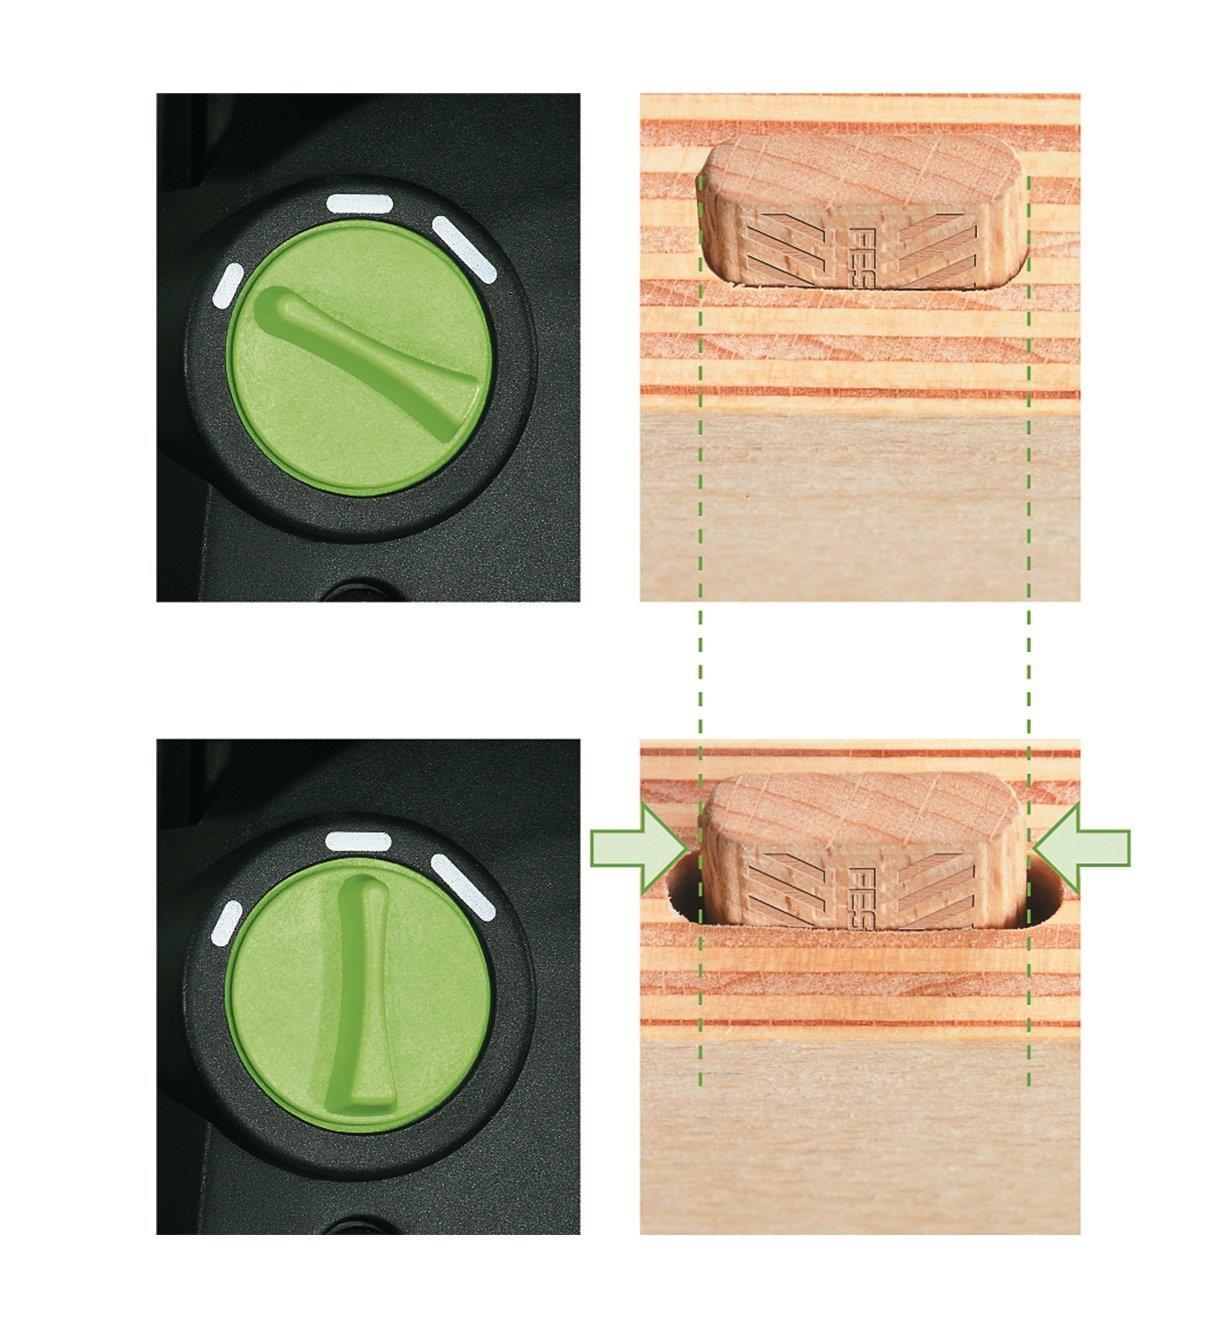 Molette de réglage montrée à deux positions différentes avec deux mortaises de largeurs différentes